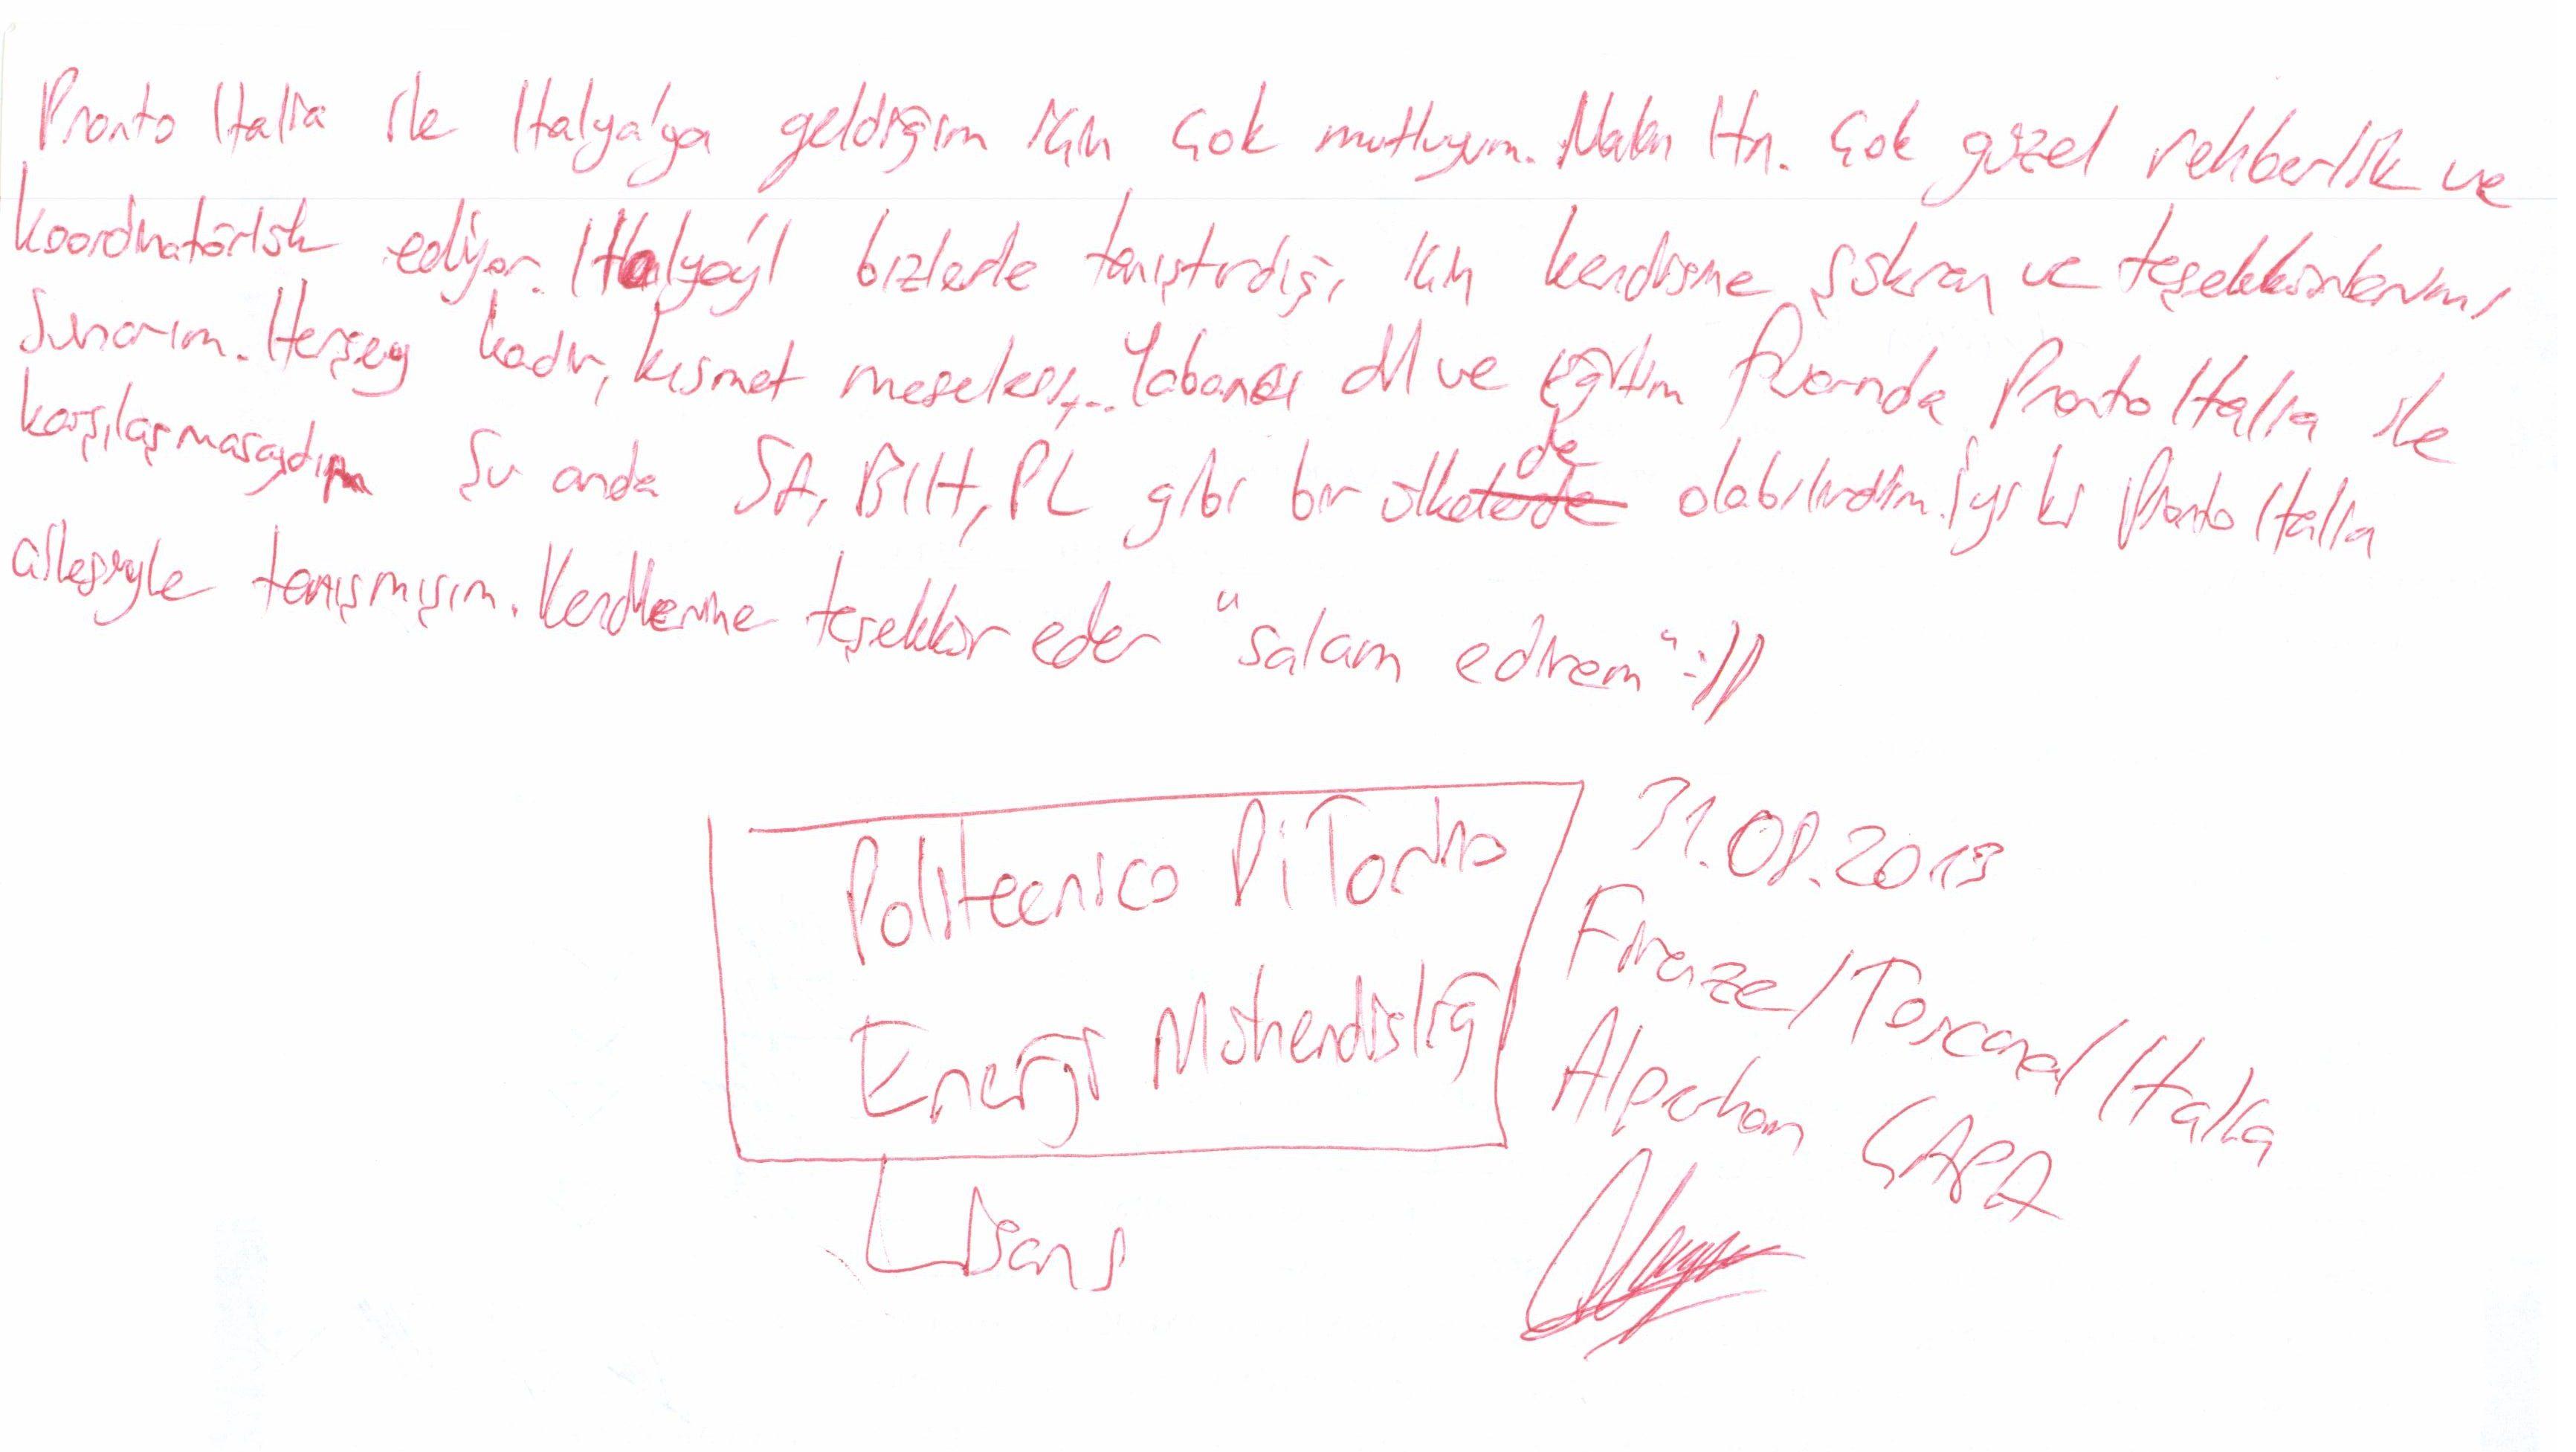 Politecnico Di Torino'da Enerji Mühendisliği Lisansı okuyan Alperhan ÇAPA'nın mektubu